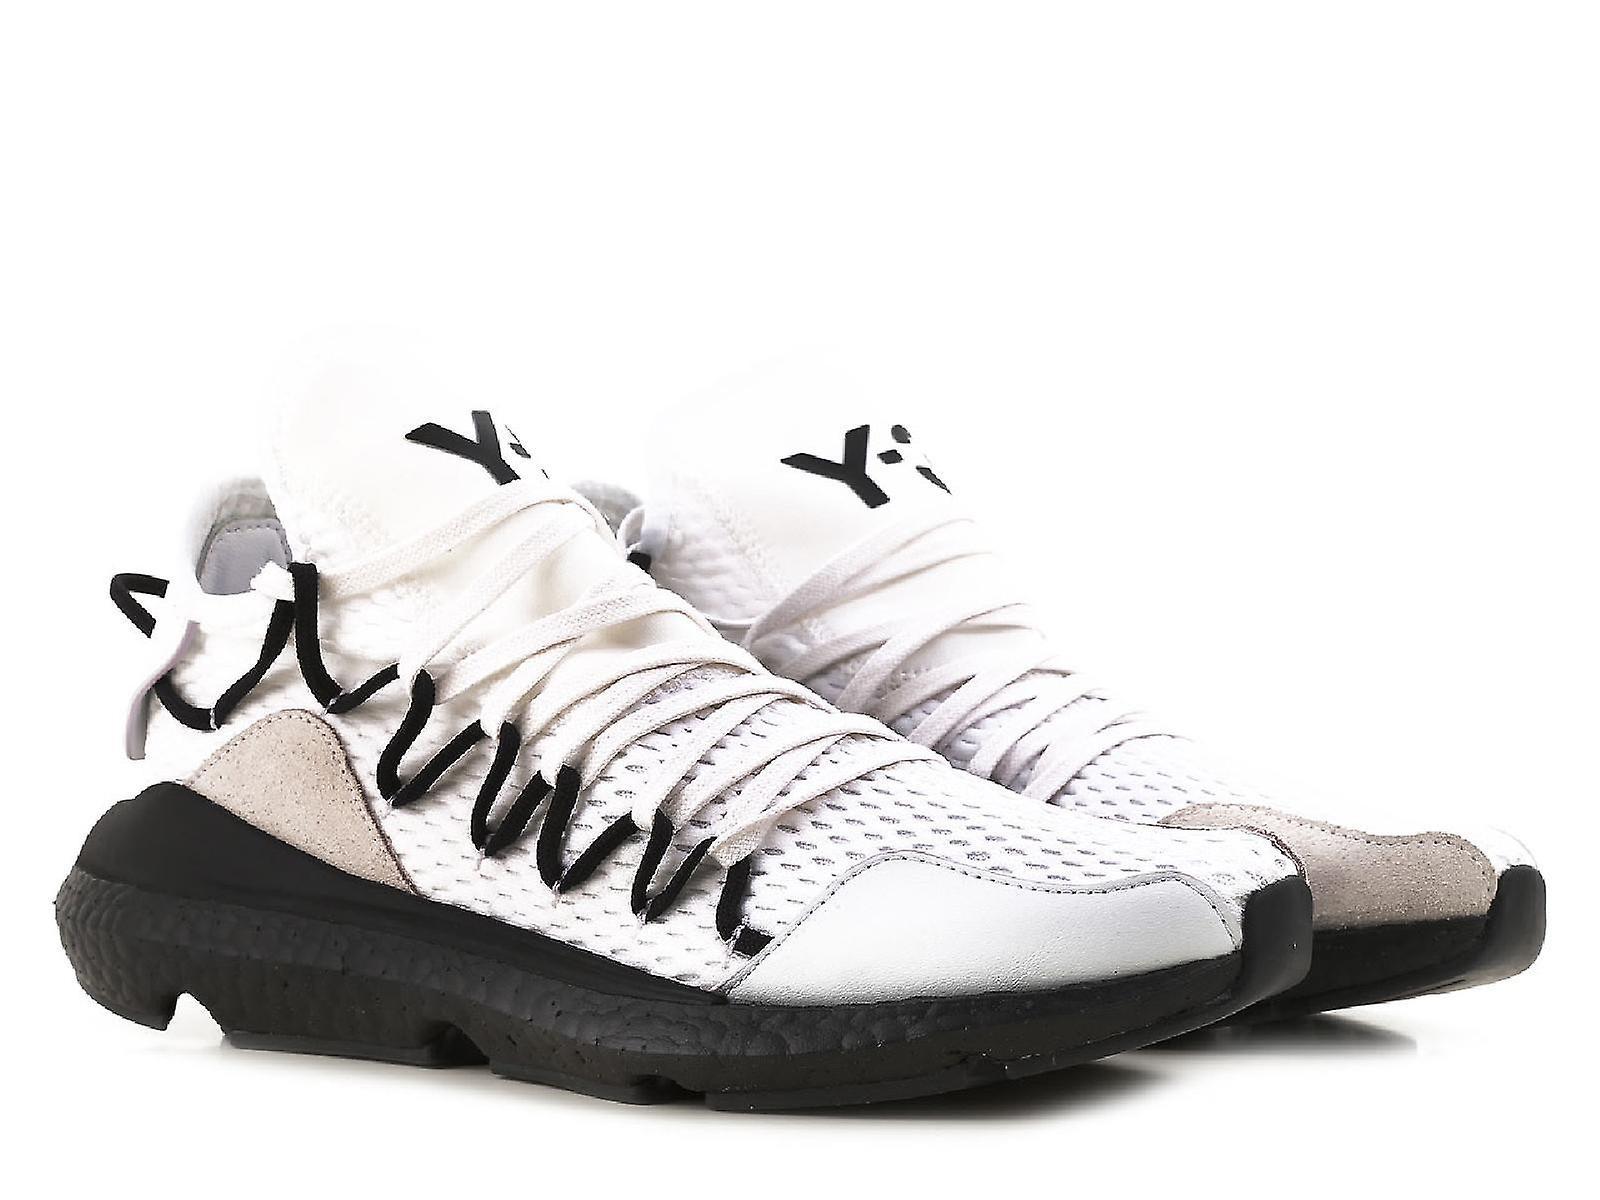 Y3 men's low top Kusari white sneakers